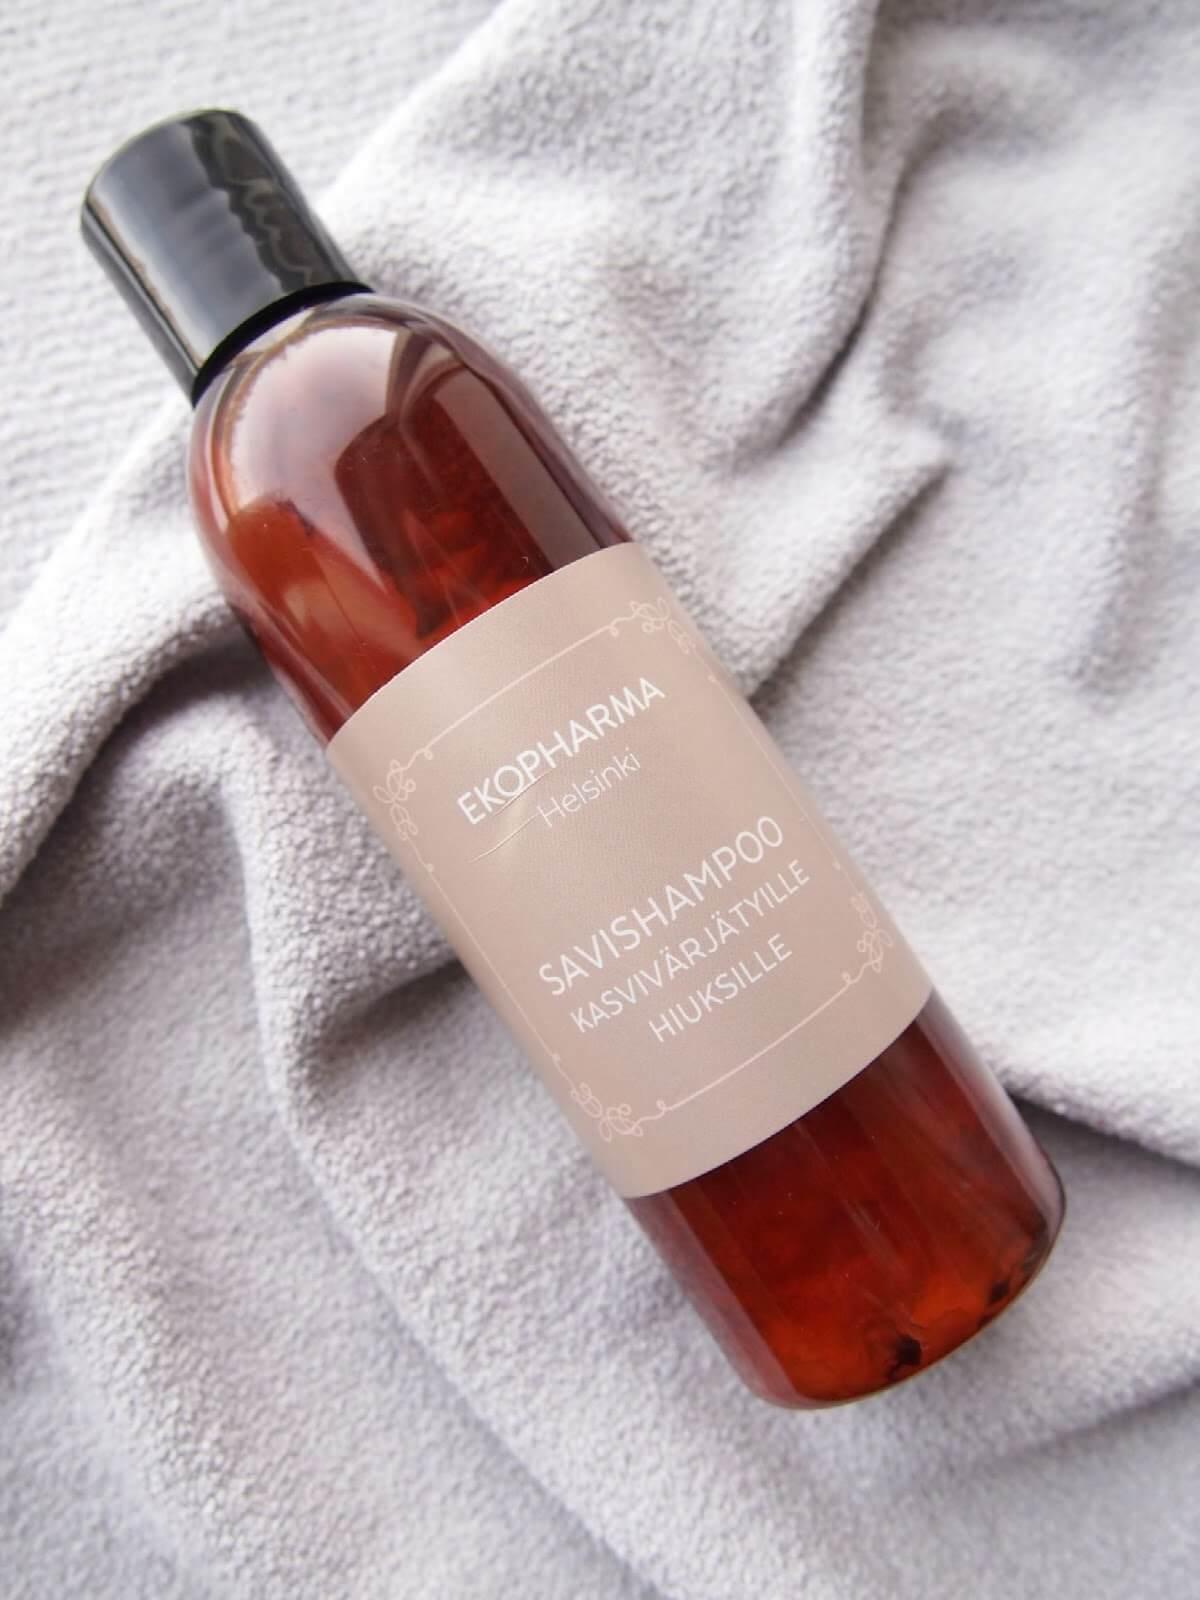 ekopharma shampoo